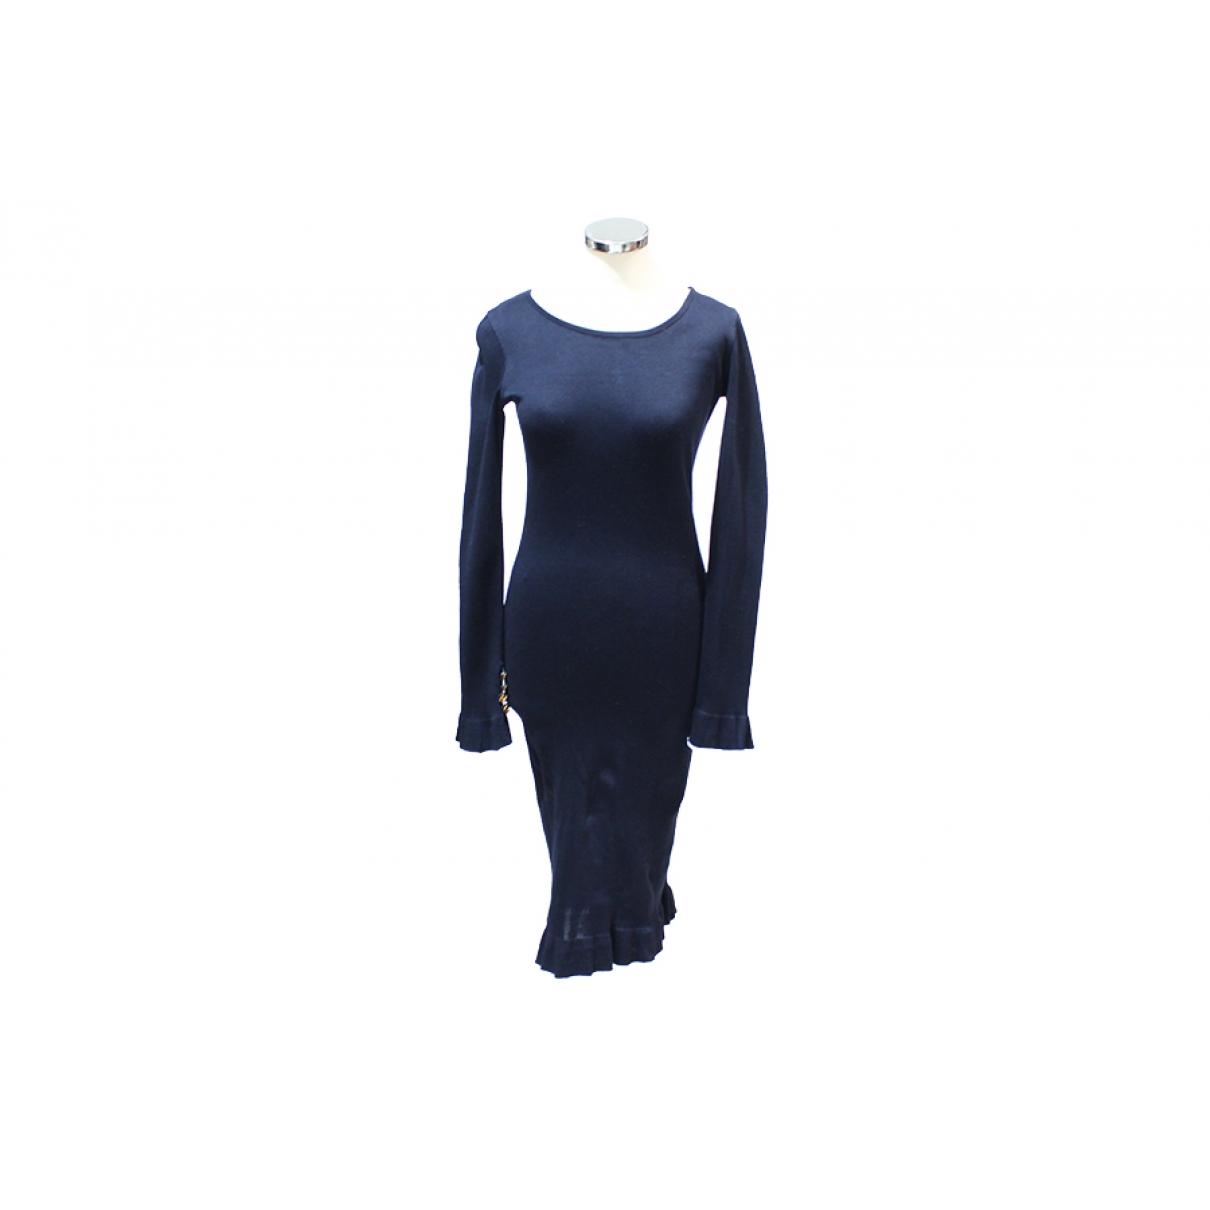 Chanel \N Navy Wool dress for Women 38 FR